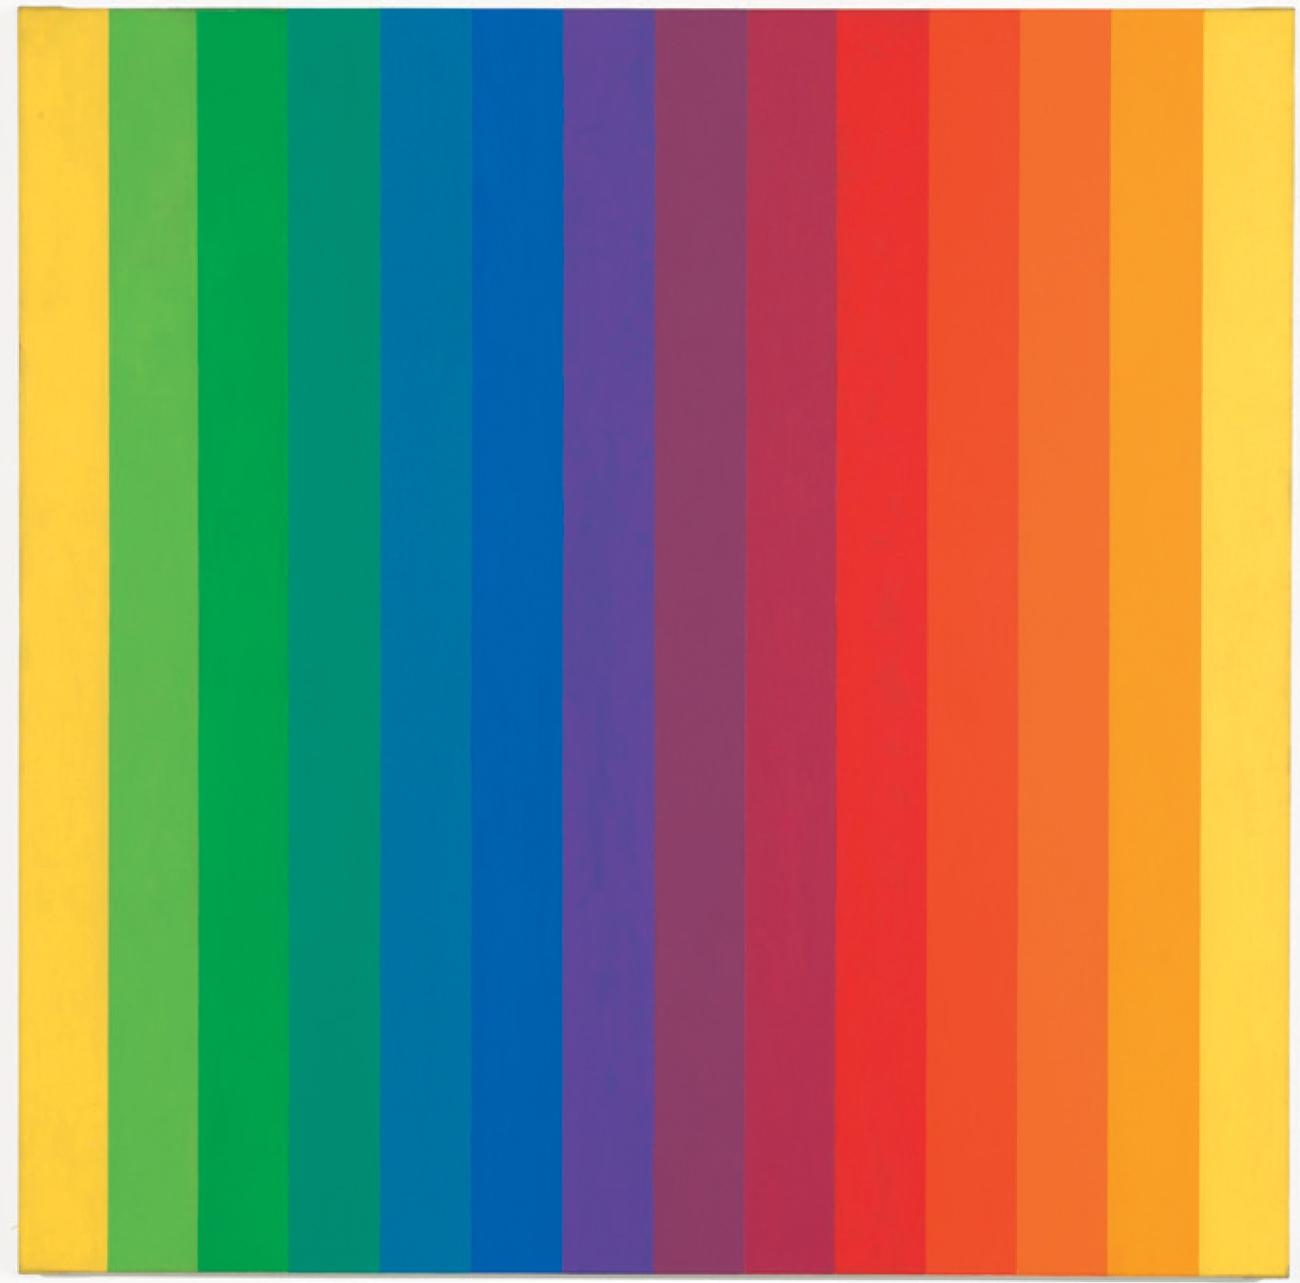 엘스워스 켈리(Ellsworth Kelly), 'Spectrum I', Oil on Canvas, 153.04×153.04cm, 1953